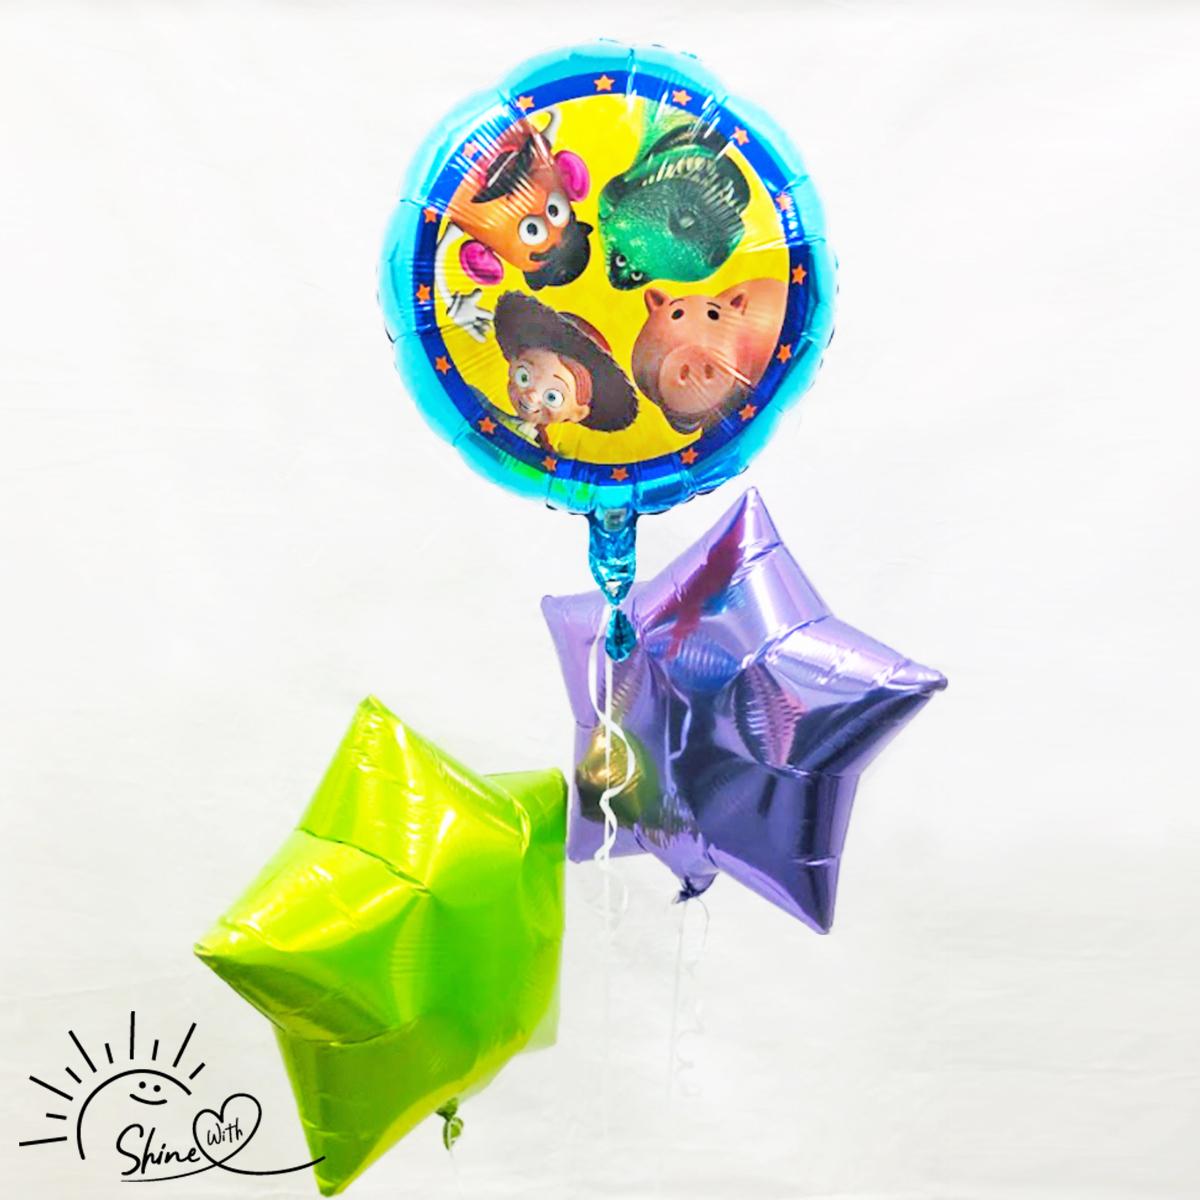 【浮かせてお届け】ヘリウムガス入り トイストーリーバルーン(スター)3個